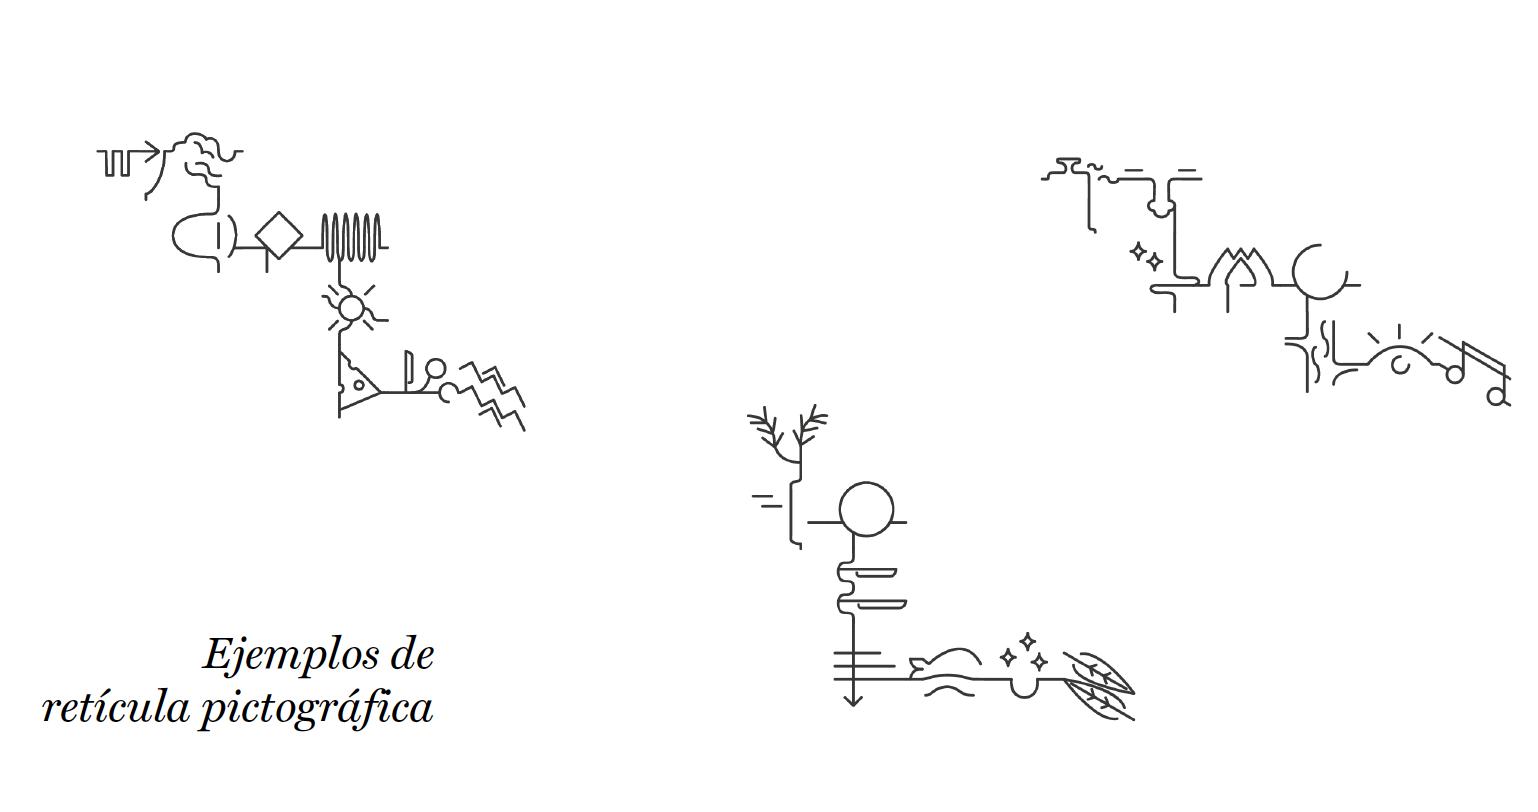 La sinestesia como el maridaje perfecto de Sense, por Luís Fernández